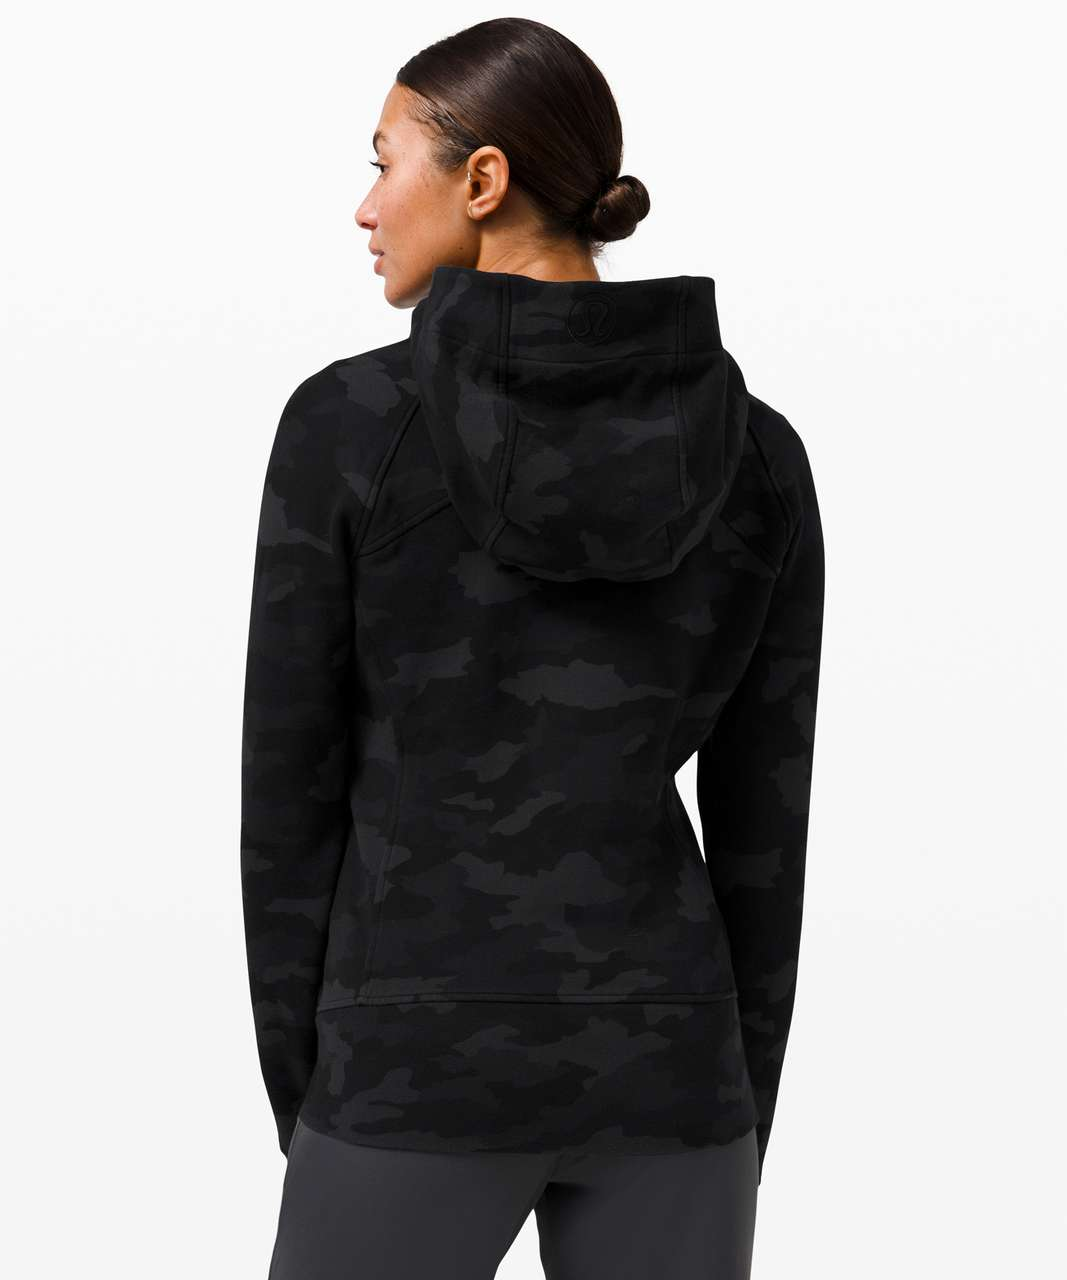 Lululemon Scuba Hoodie *Light Cotton Fleece - Heritage 365 Camo Deep Coal Multi